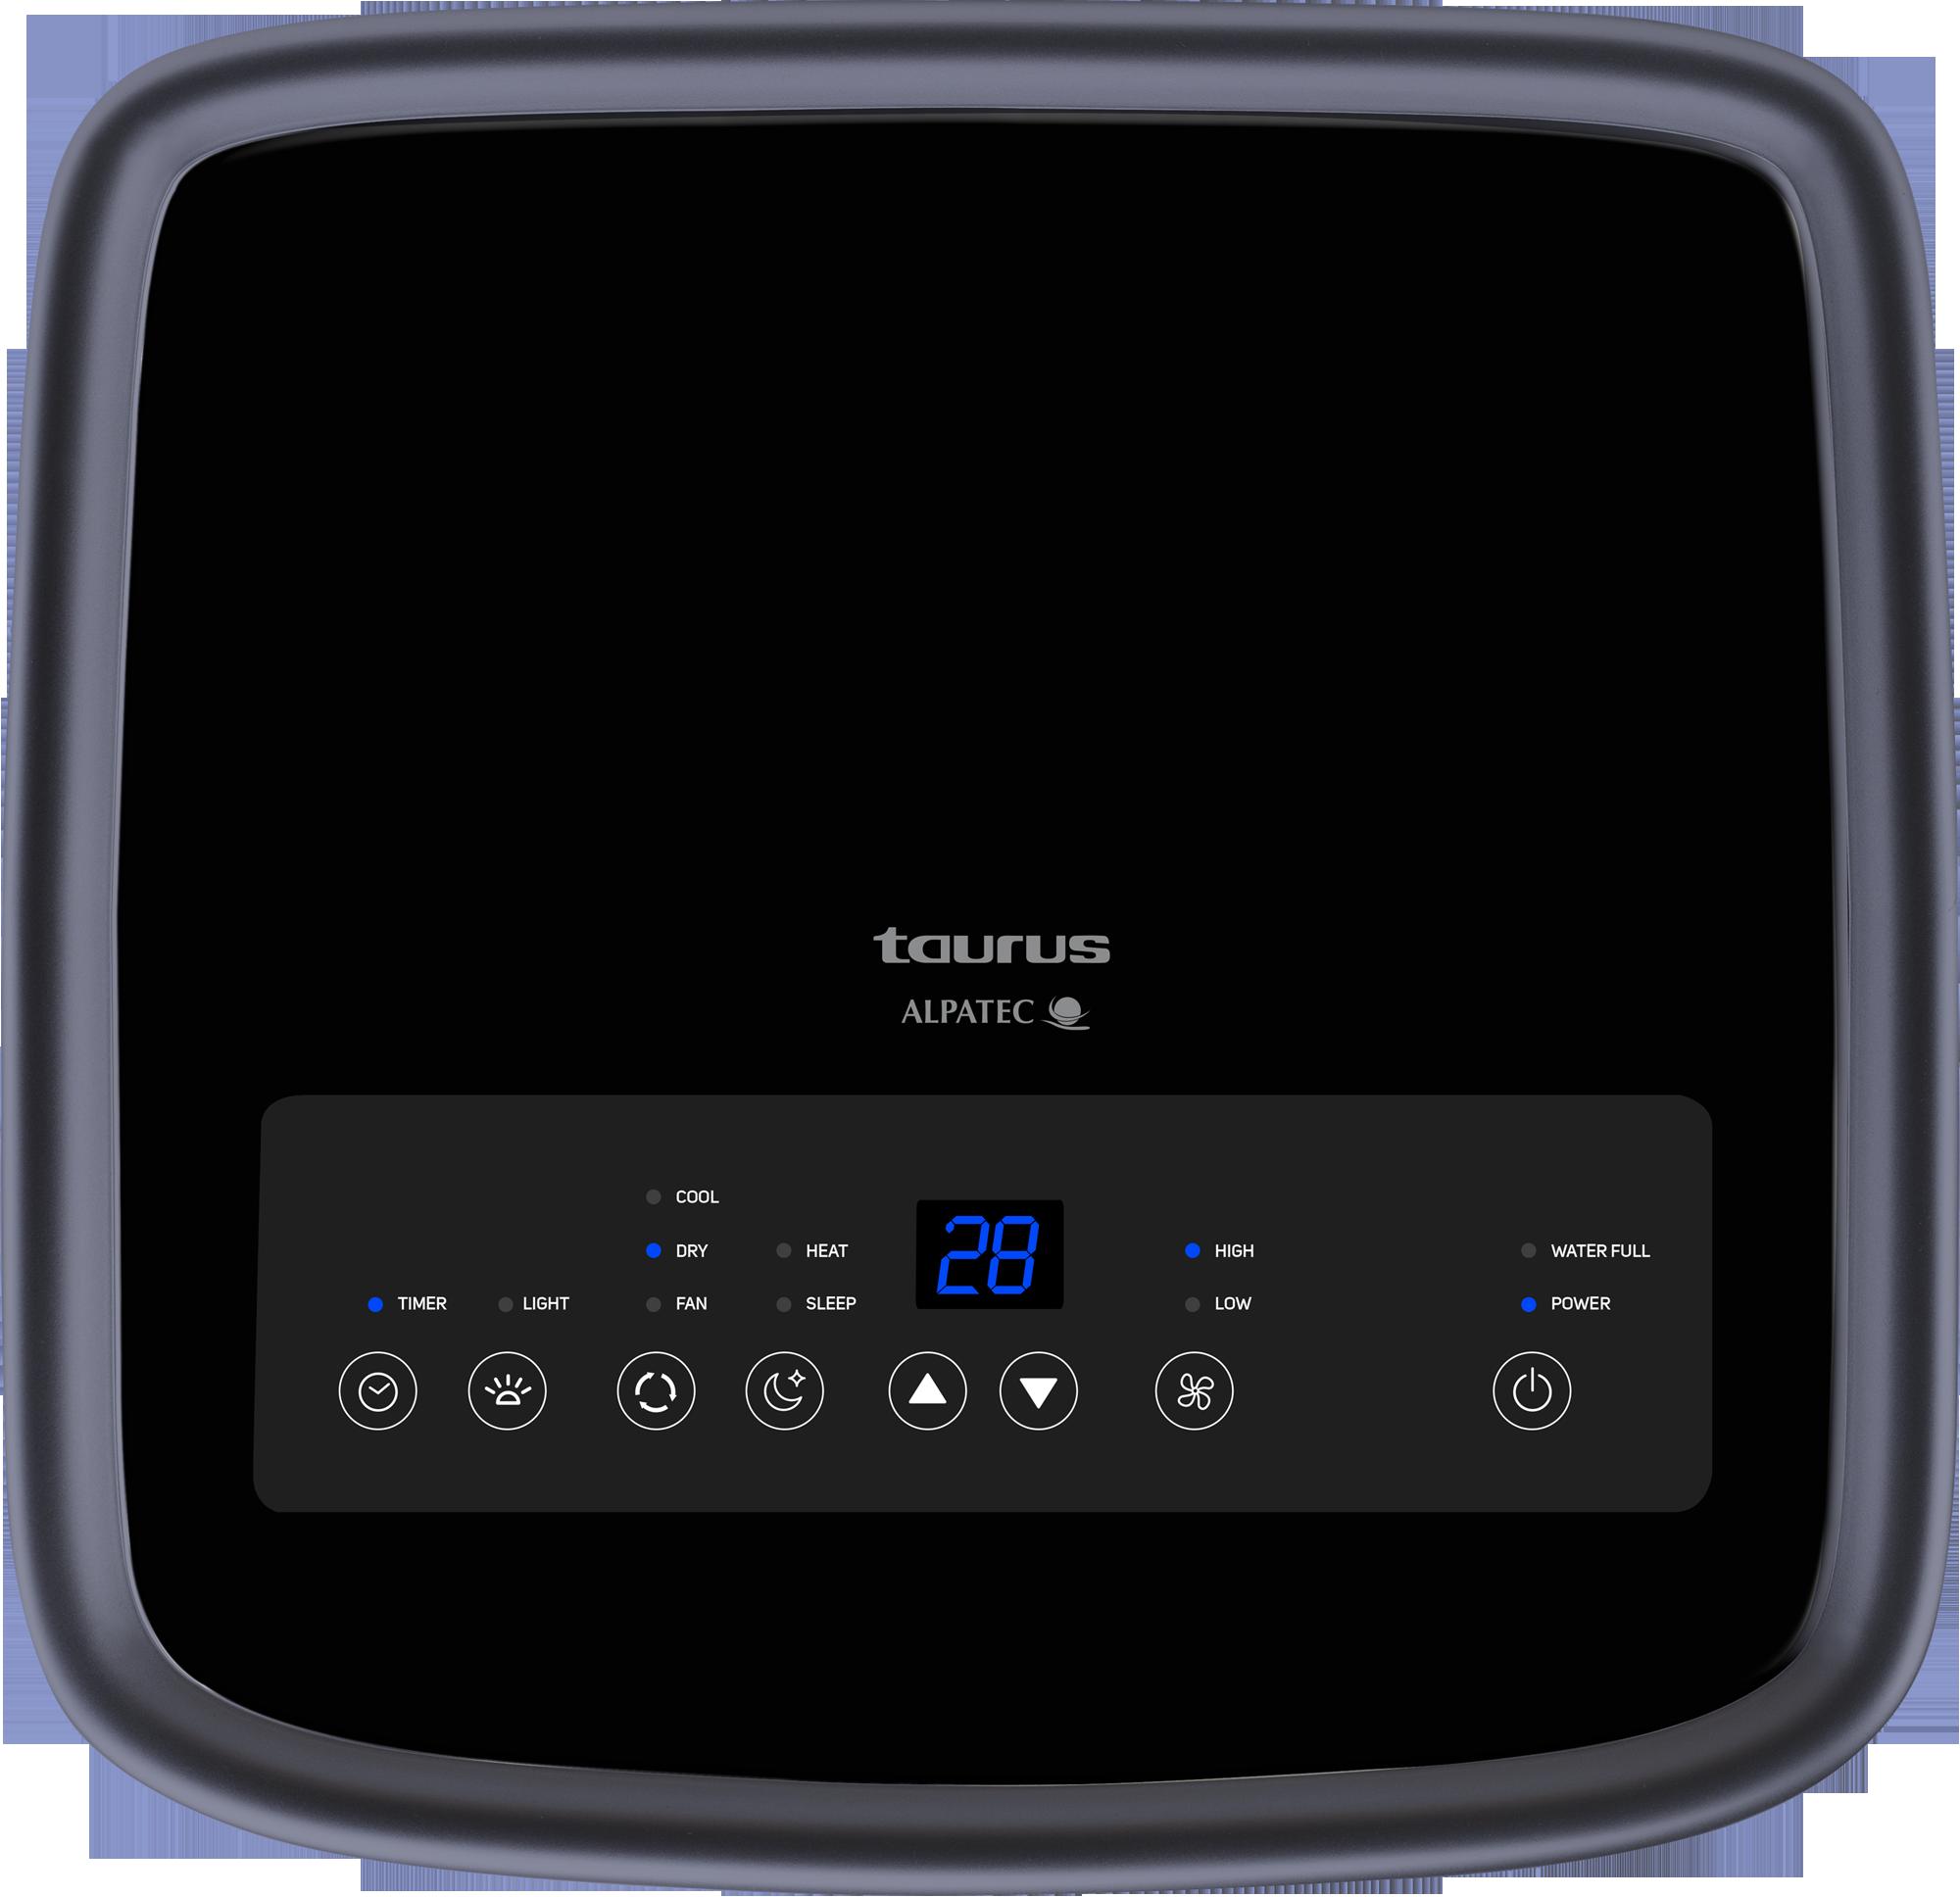 TAURUS/ALPATEC AC7000C